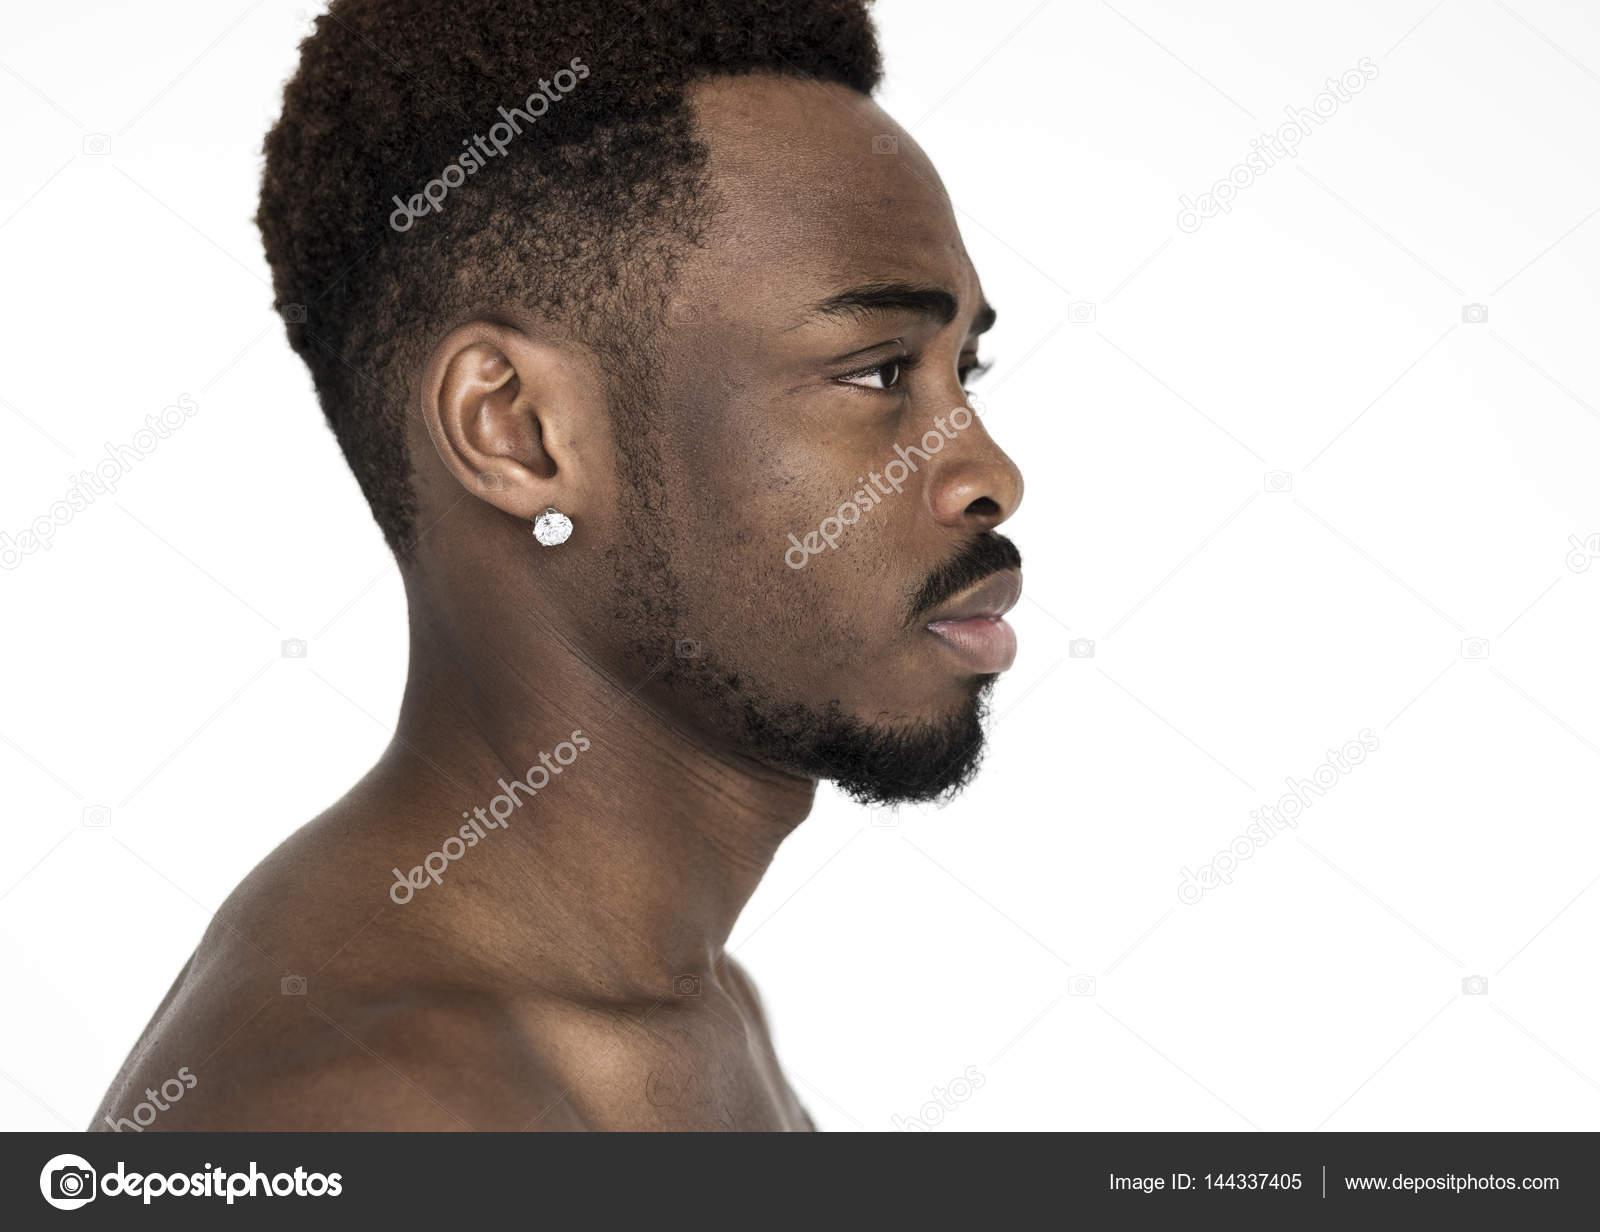 black man profile picture